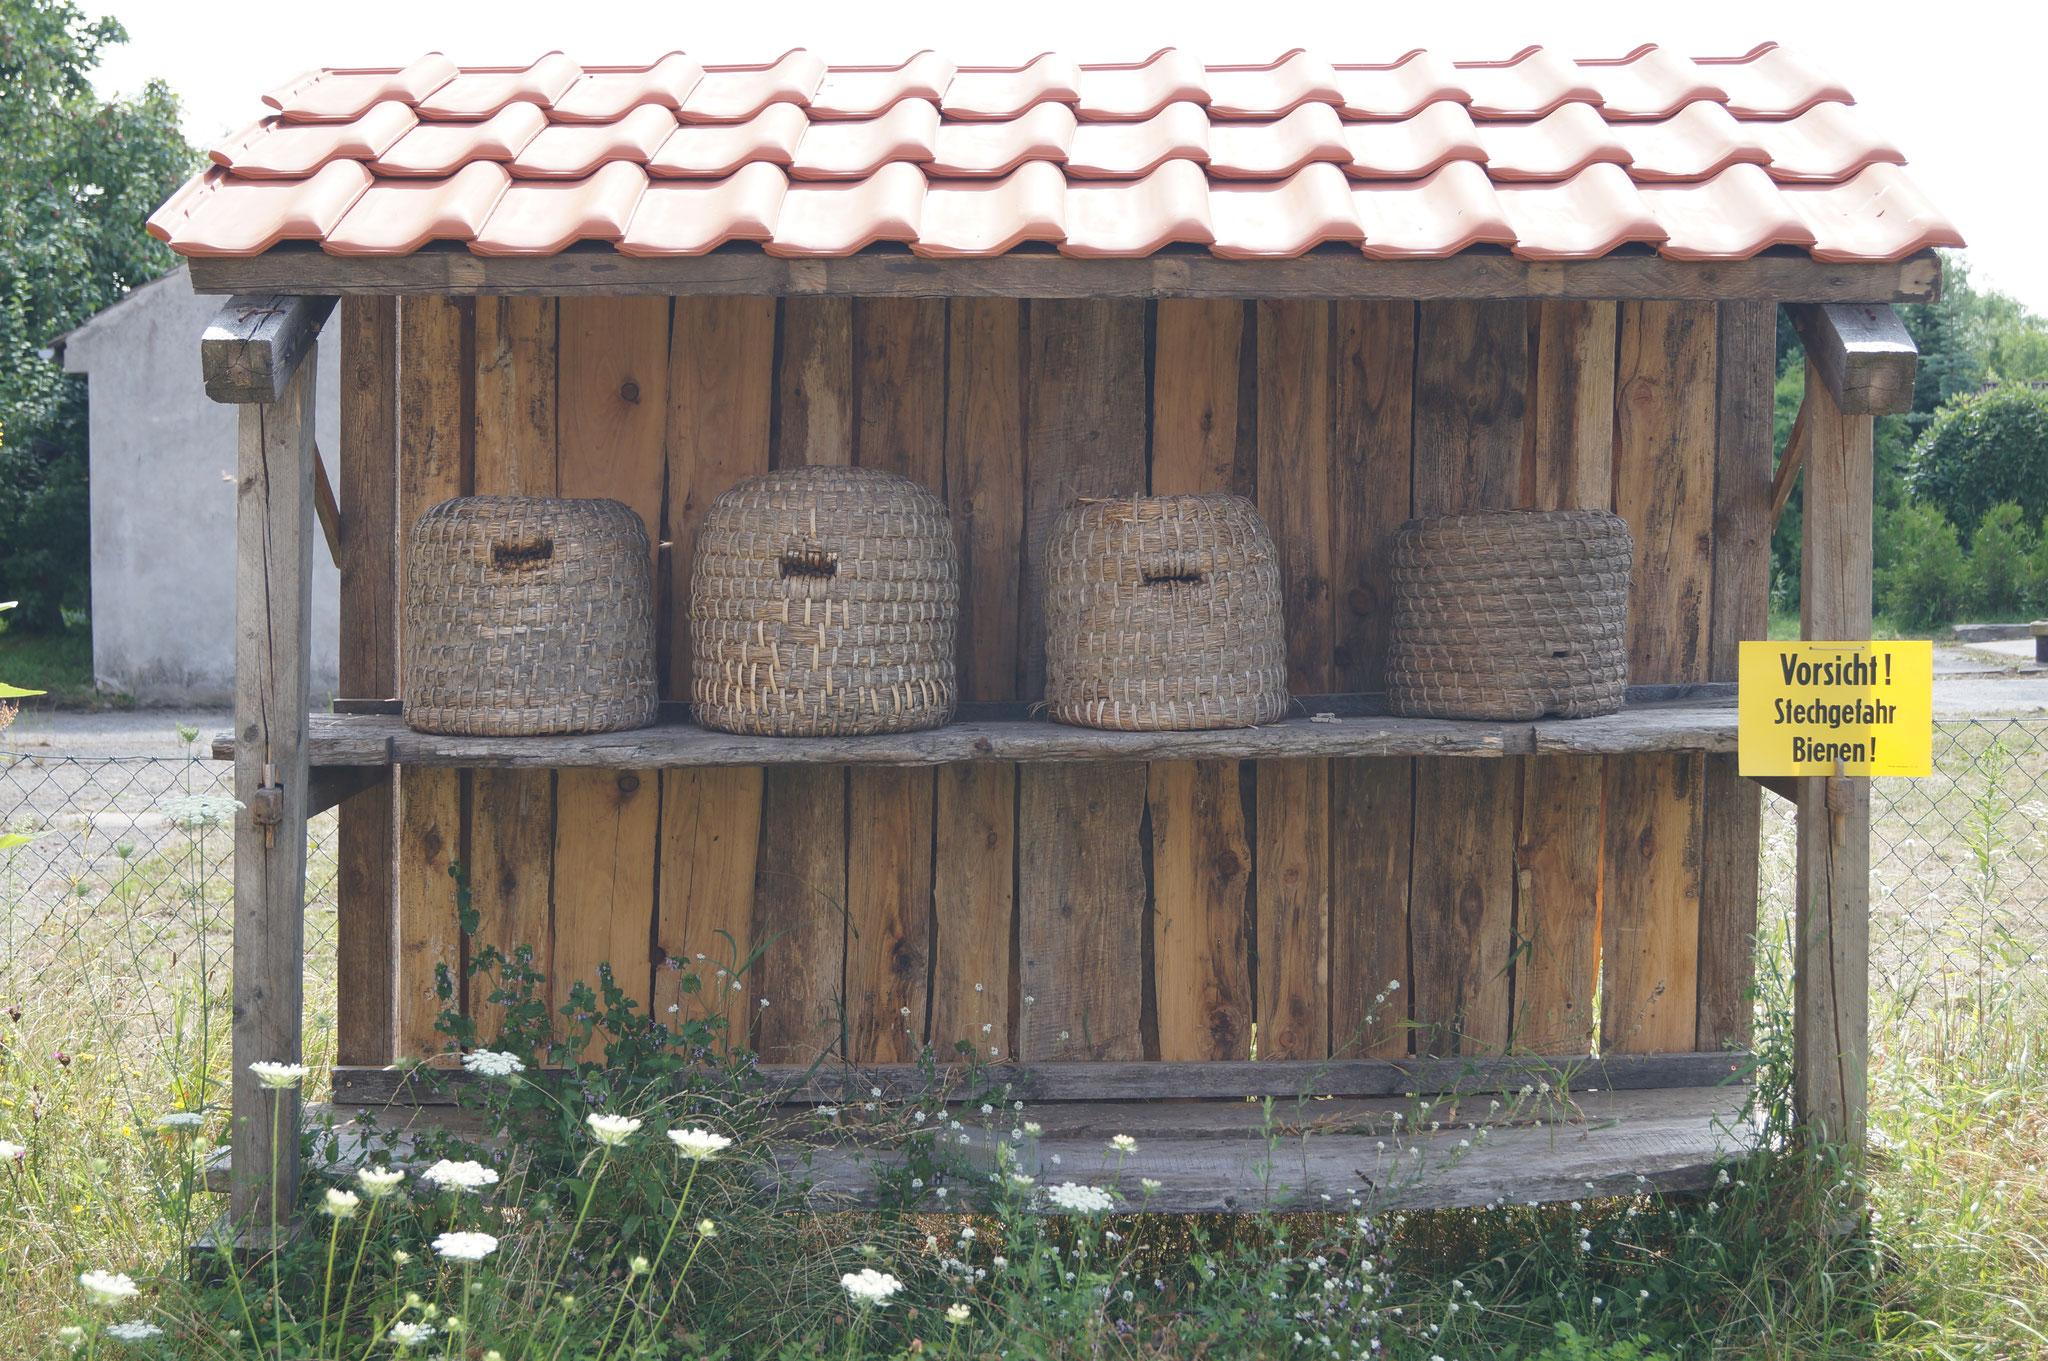 Hier sehen Sie traditionelle Bienenkörbe. Die Korbimkerei geht bis in die Zeit der Germanen zurück. Die Körbe werden aus Stroh geflochten. Die Waben werden von den Bienen darin im Naturbau angefertigt.